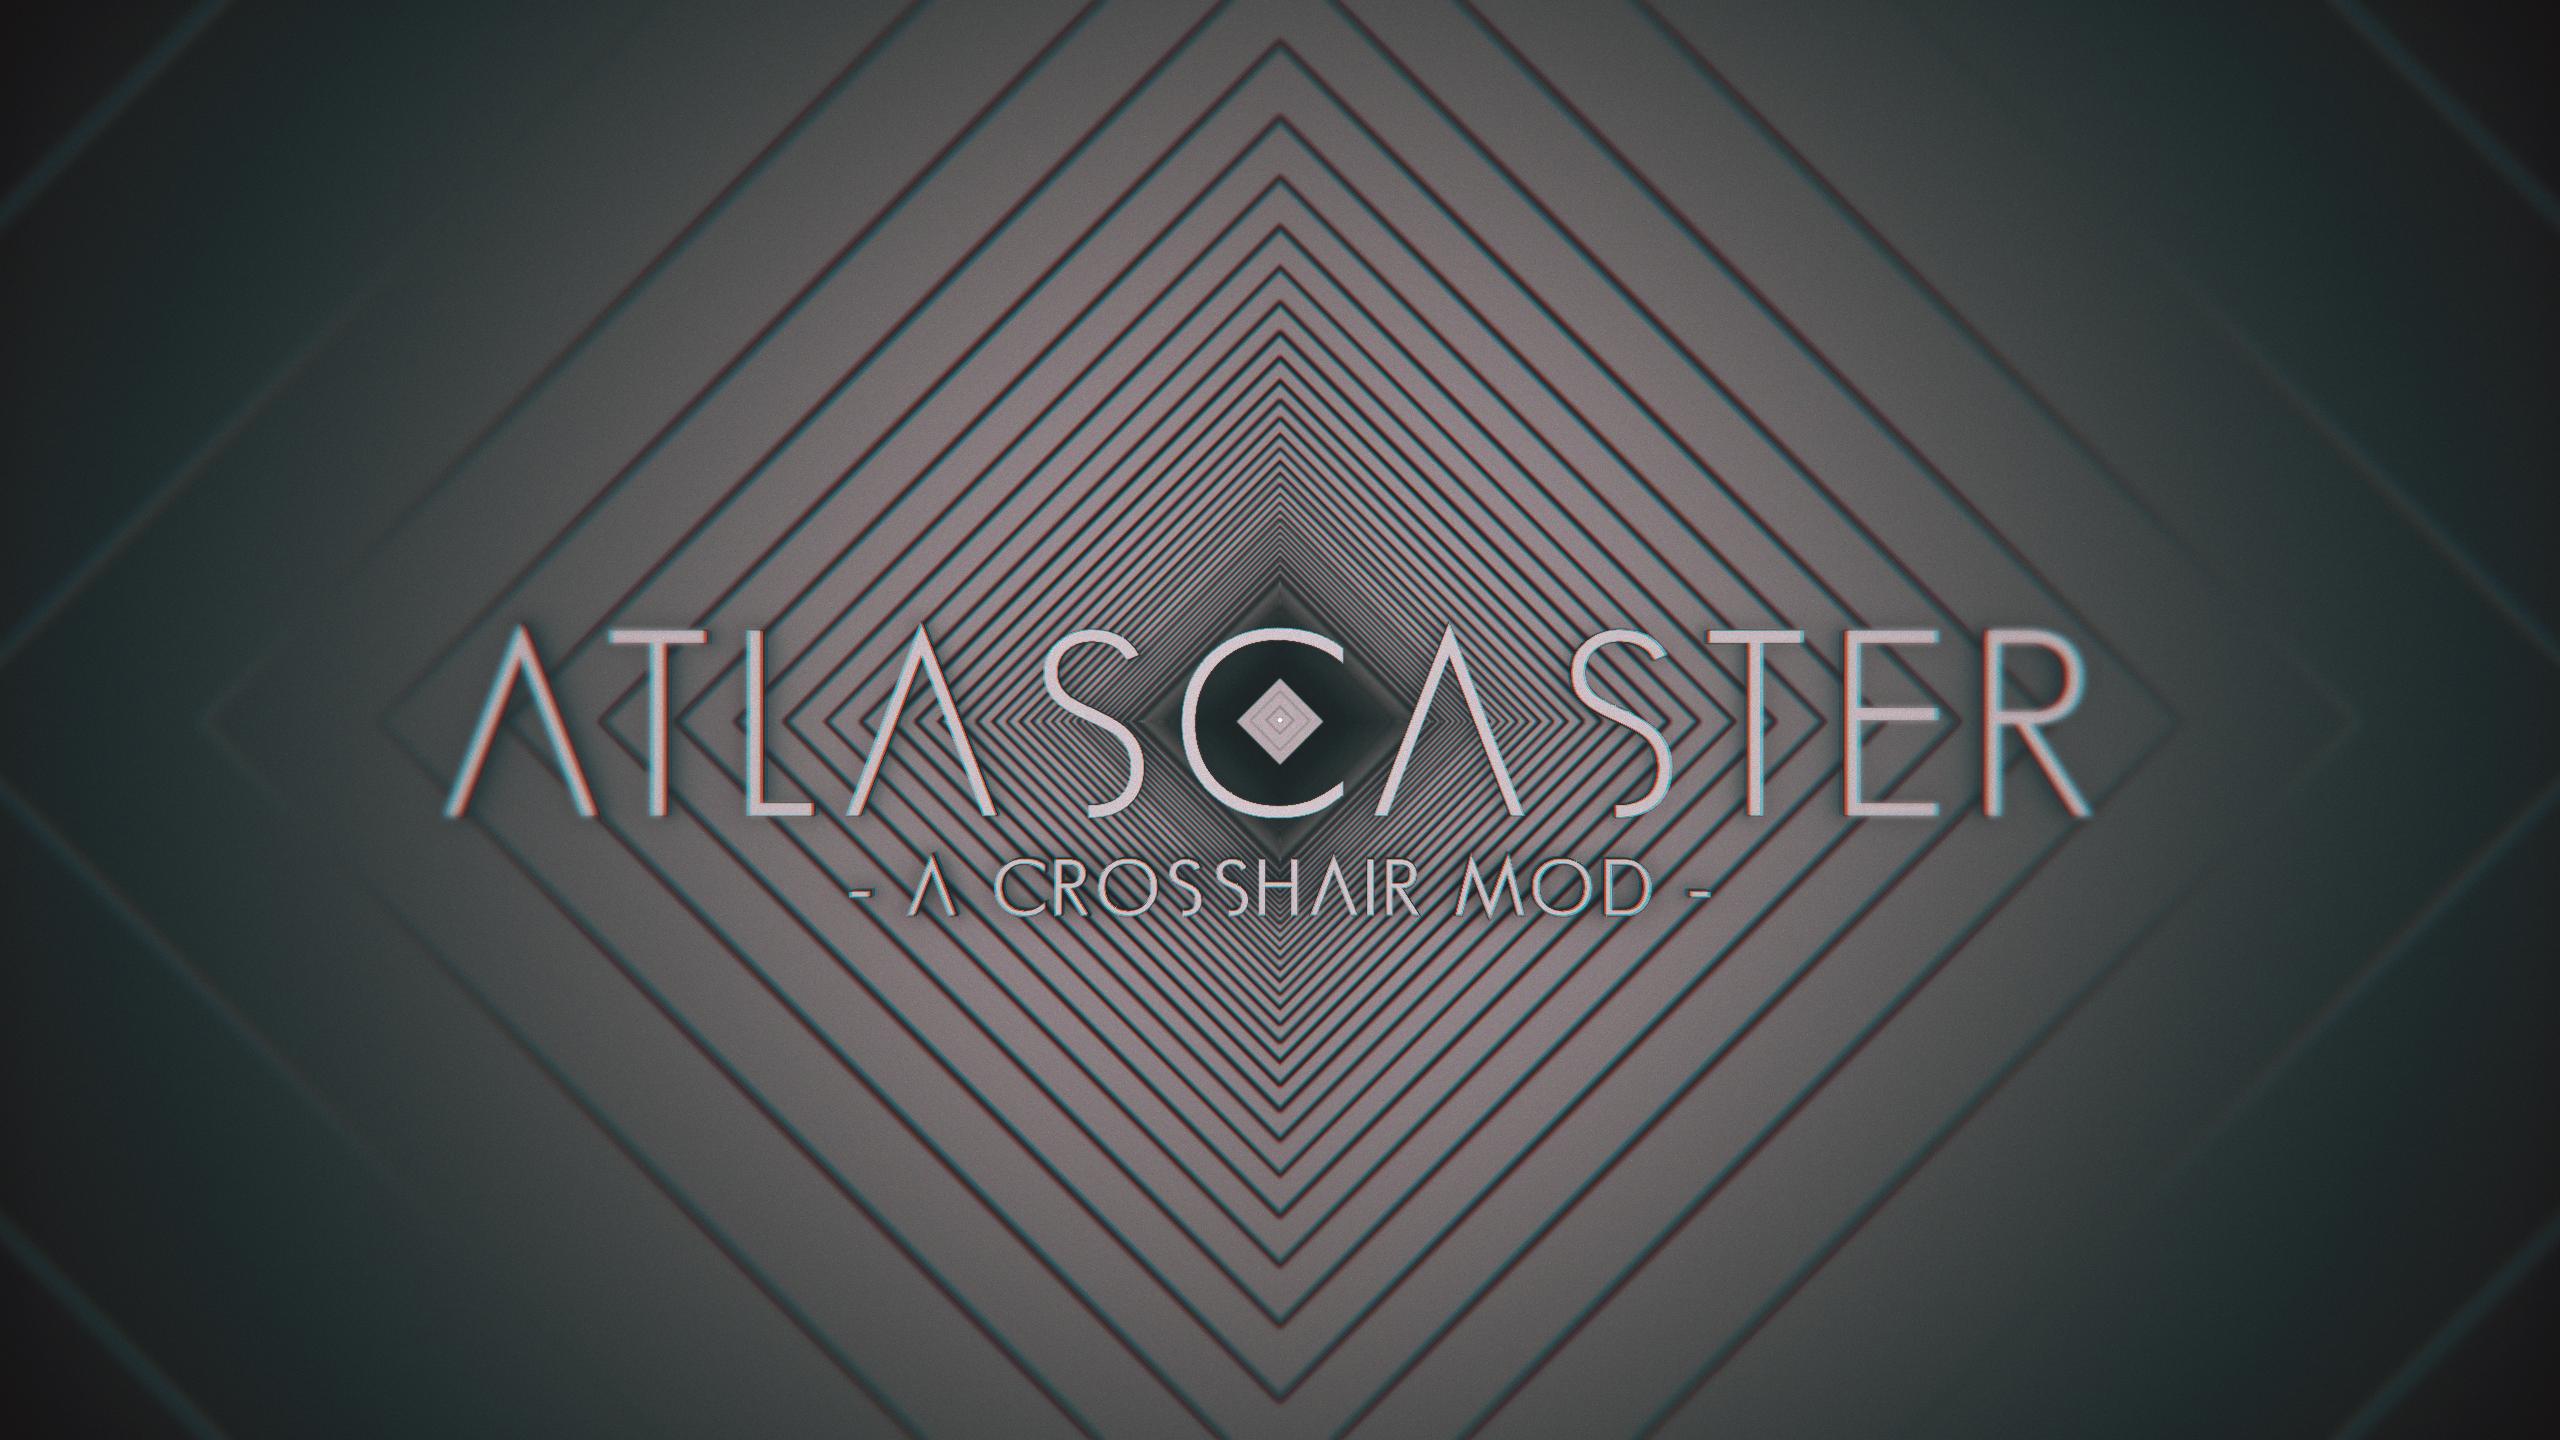 Atlascaster Crosshair